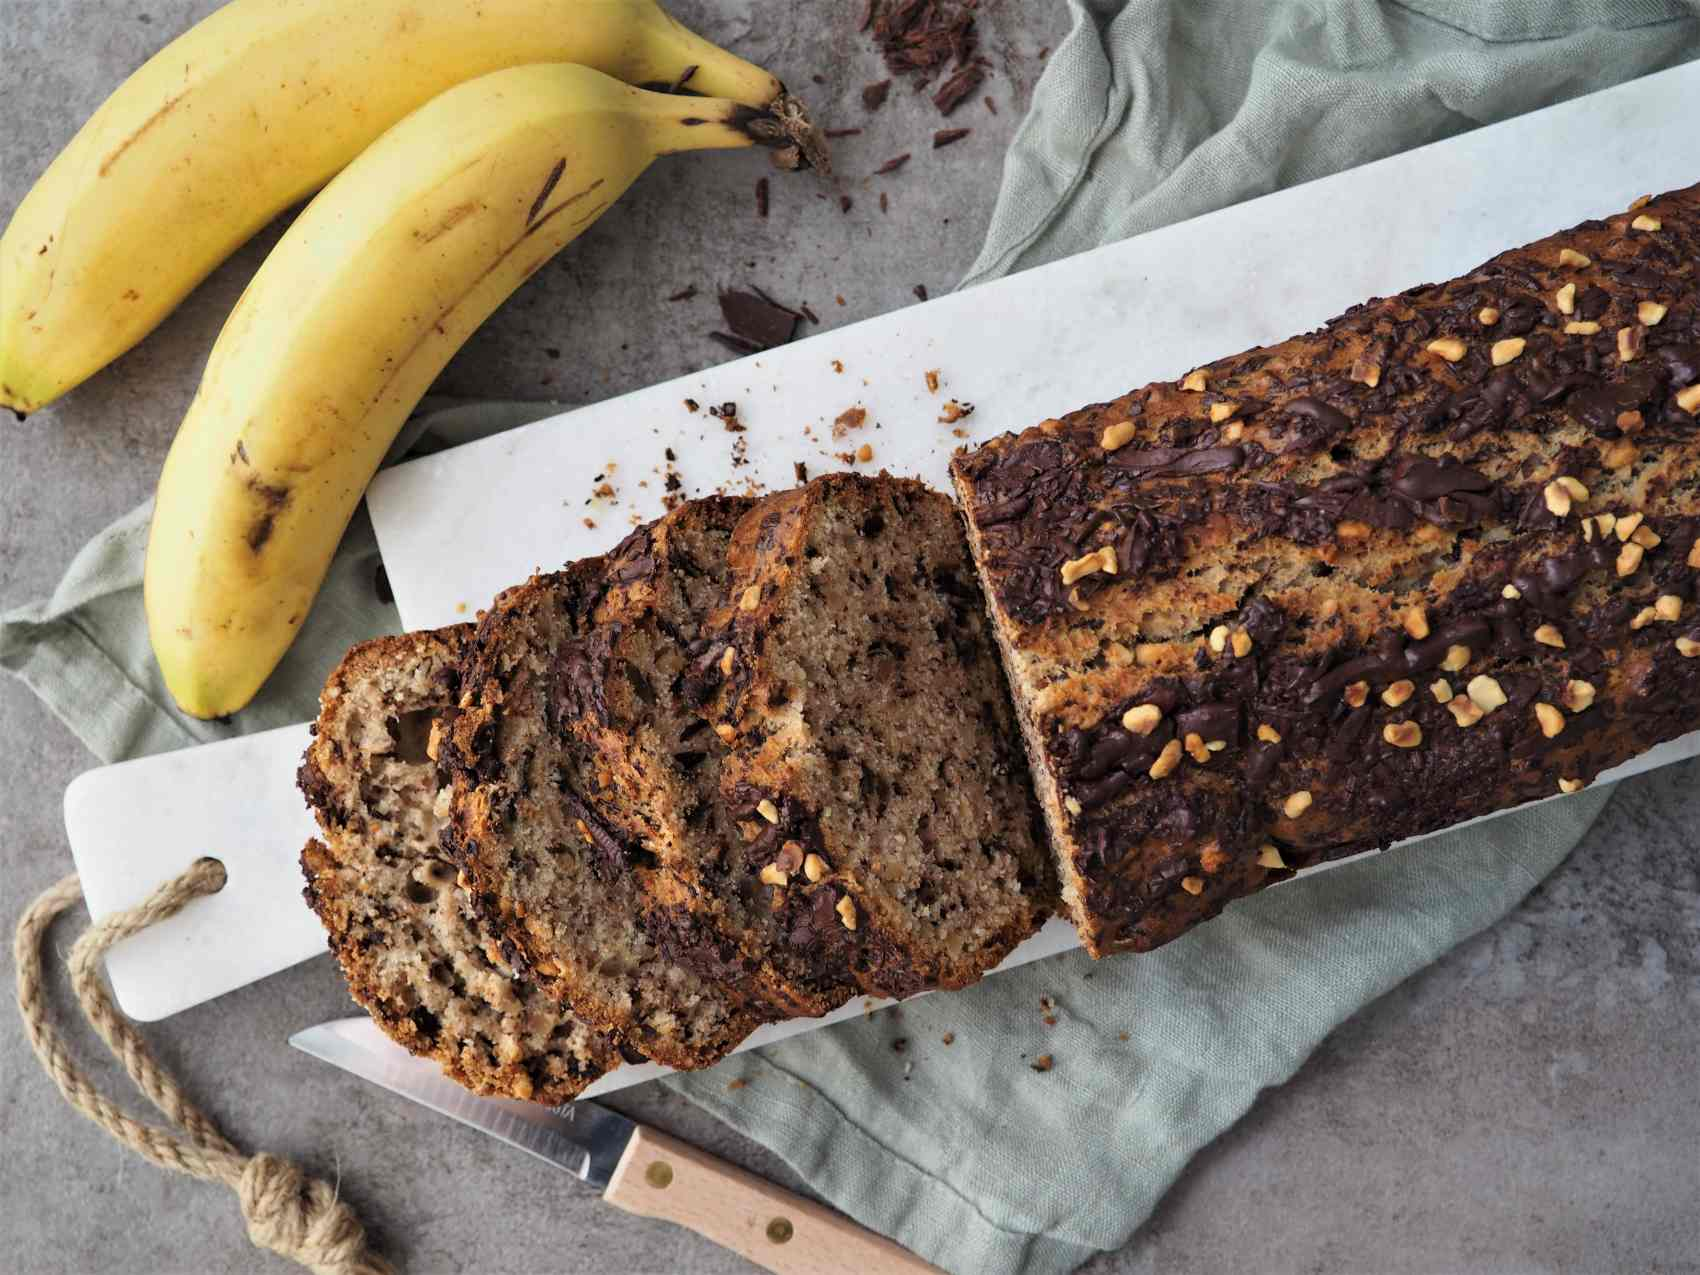 Bananenbrot mit Haselnüssen und Schokolade